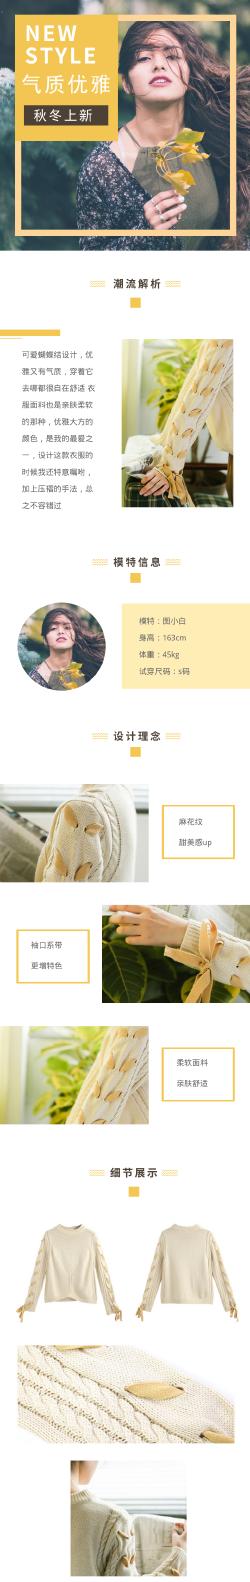 $简约服装淘宝详情页产品展示